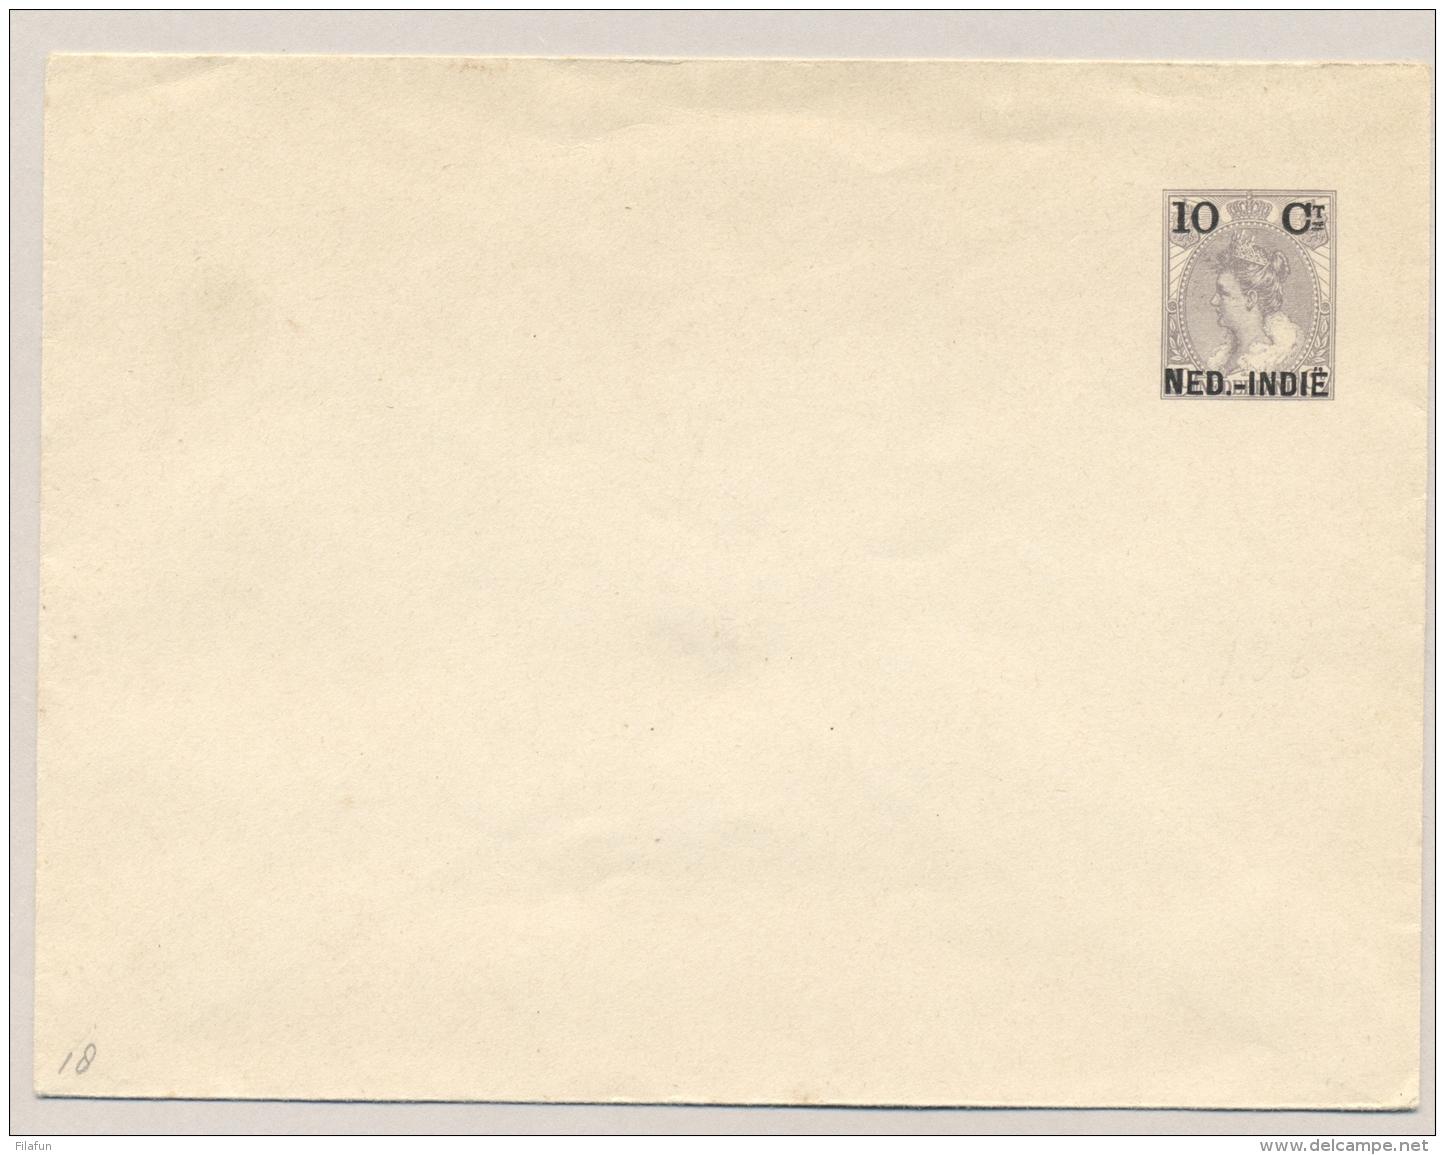 Nederlands Indië - 1903 - 10 Cent Opdruk Op 10 Cent Bontkraag, Envelop G18, Ongebruikt / Unused - Indes Néerlandaises